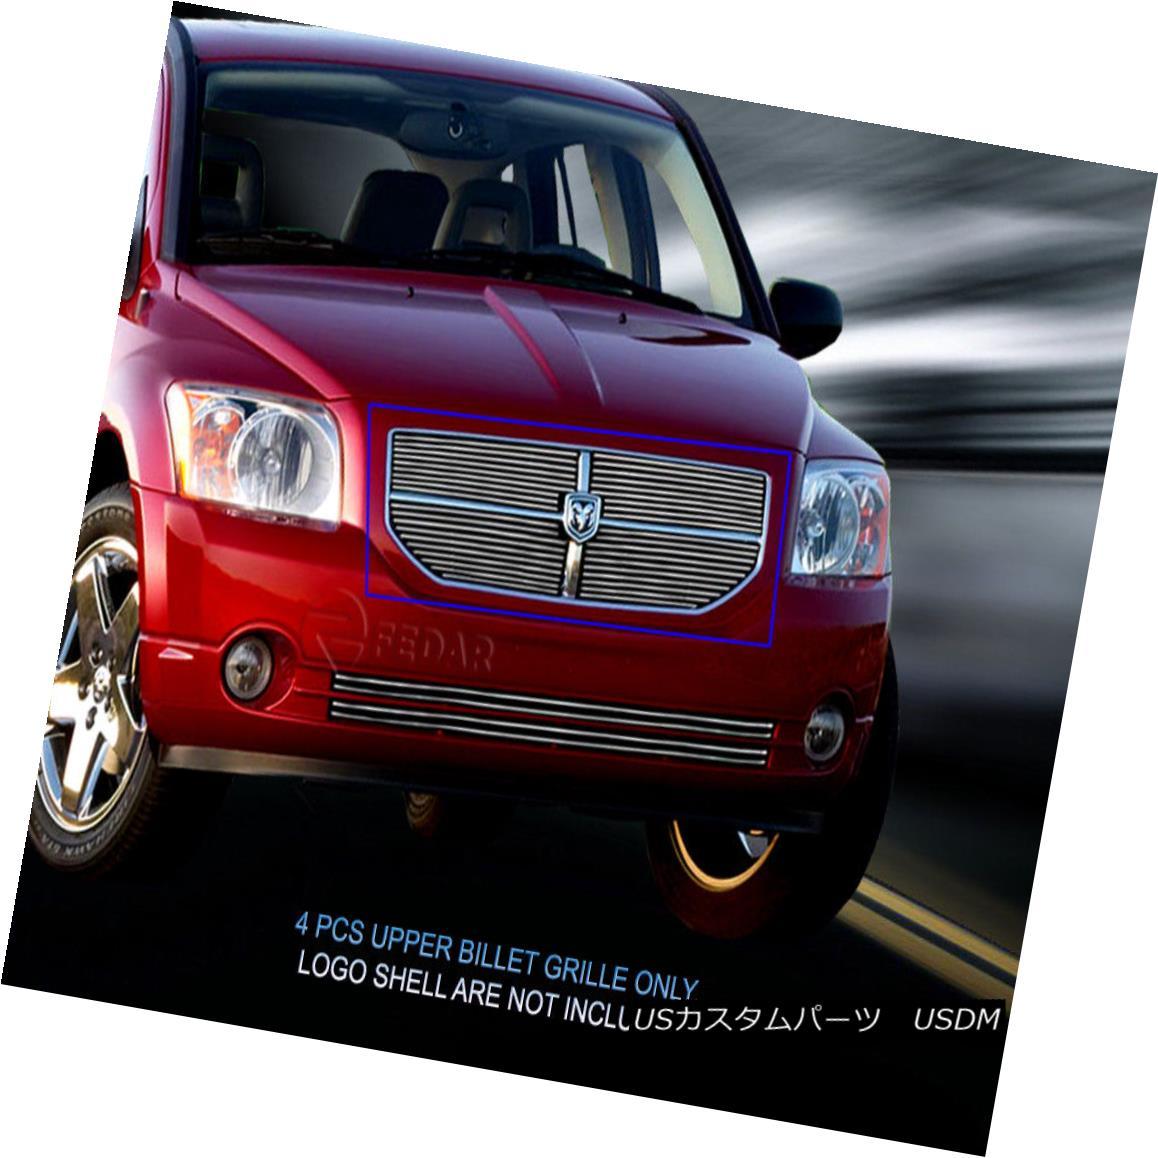 グリル For 2006-2012 Dodge Caliber Bolt-On Billet Grille Upper Grill Insert Fedar 2006-2012ダッジキャリバーボルトオンビレットグリルアッパーグリルインサートフェルダ